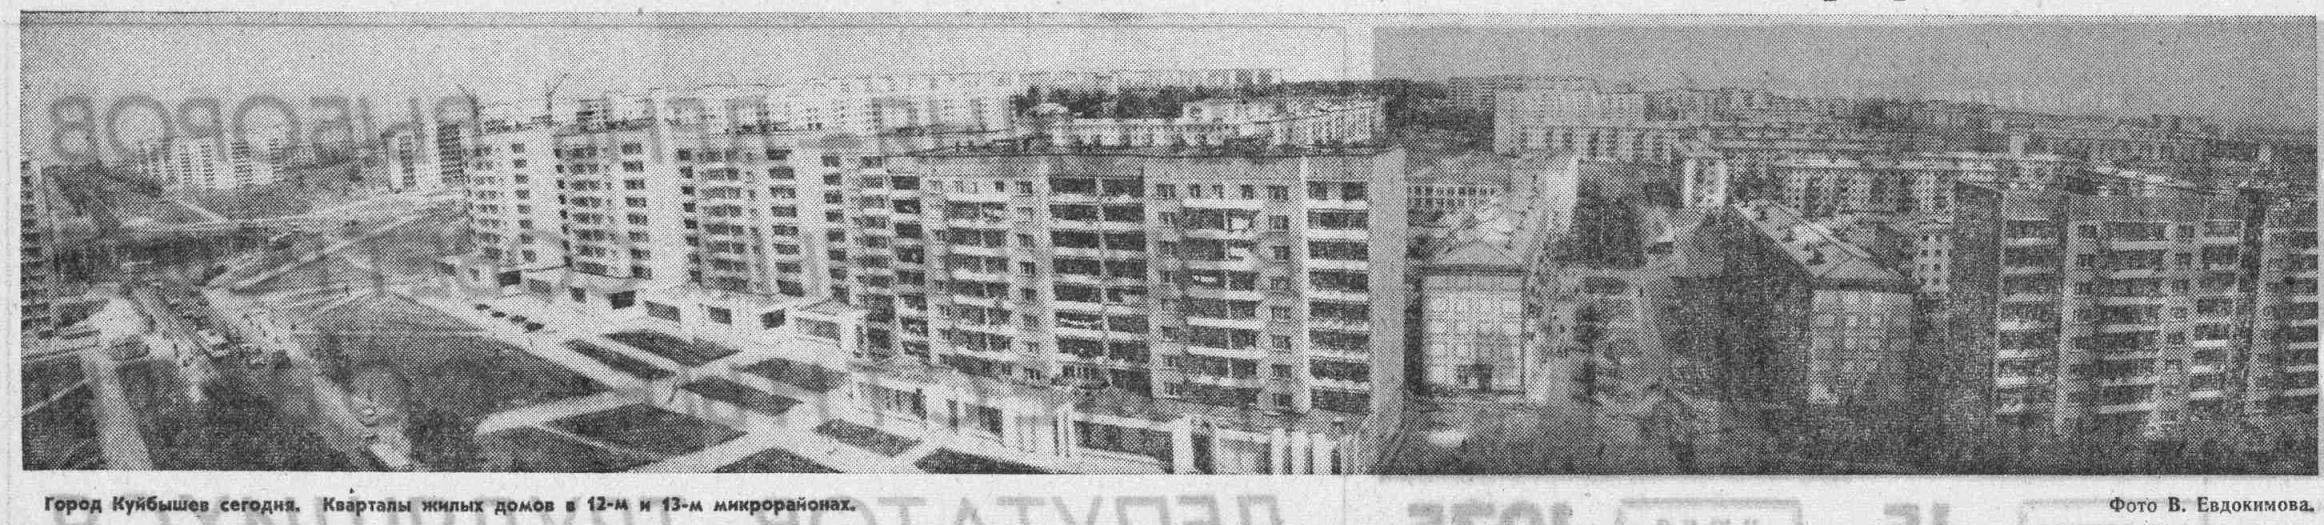 Кирова-ФОТО-75-ВКа-1975-06-15-панорама XII и XIII мкр.